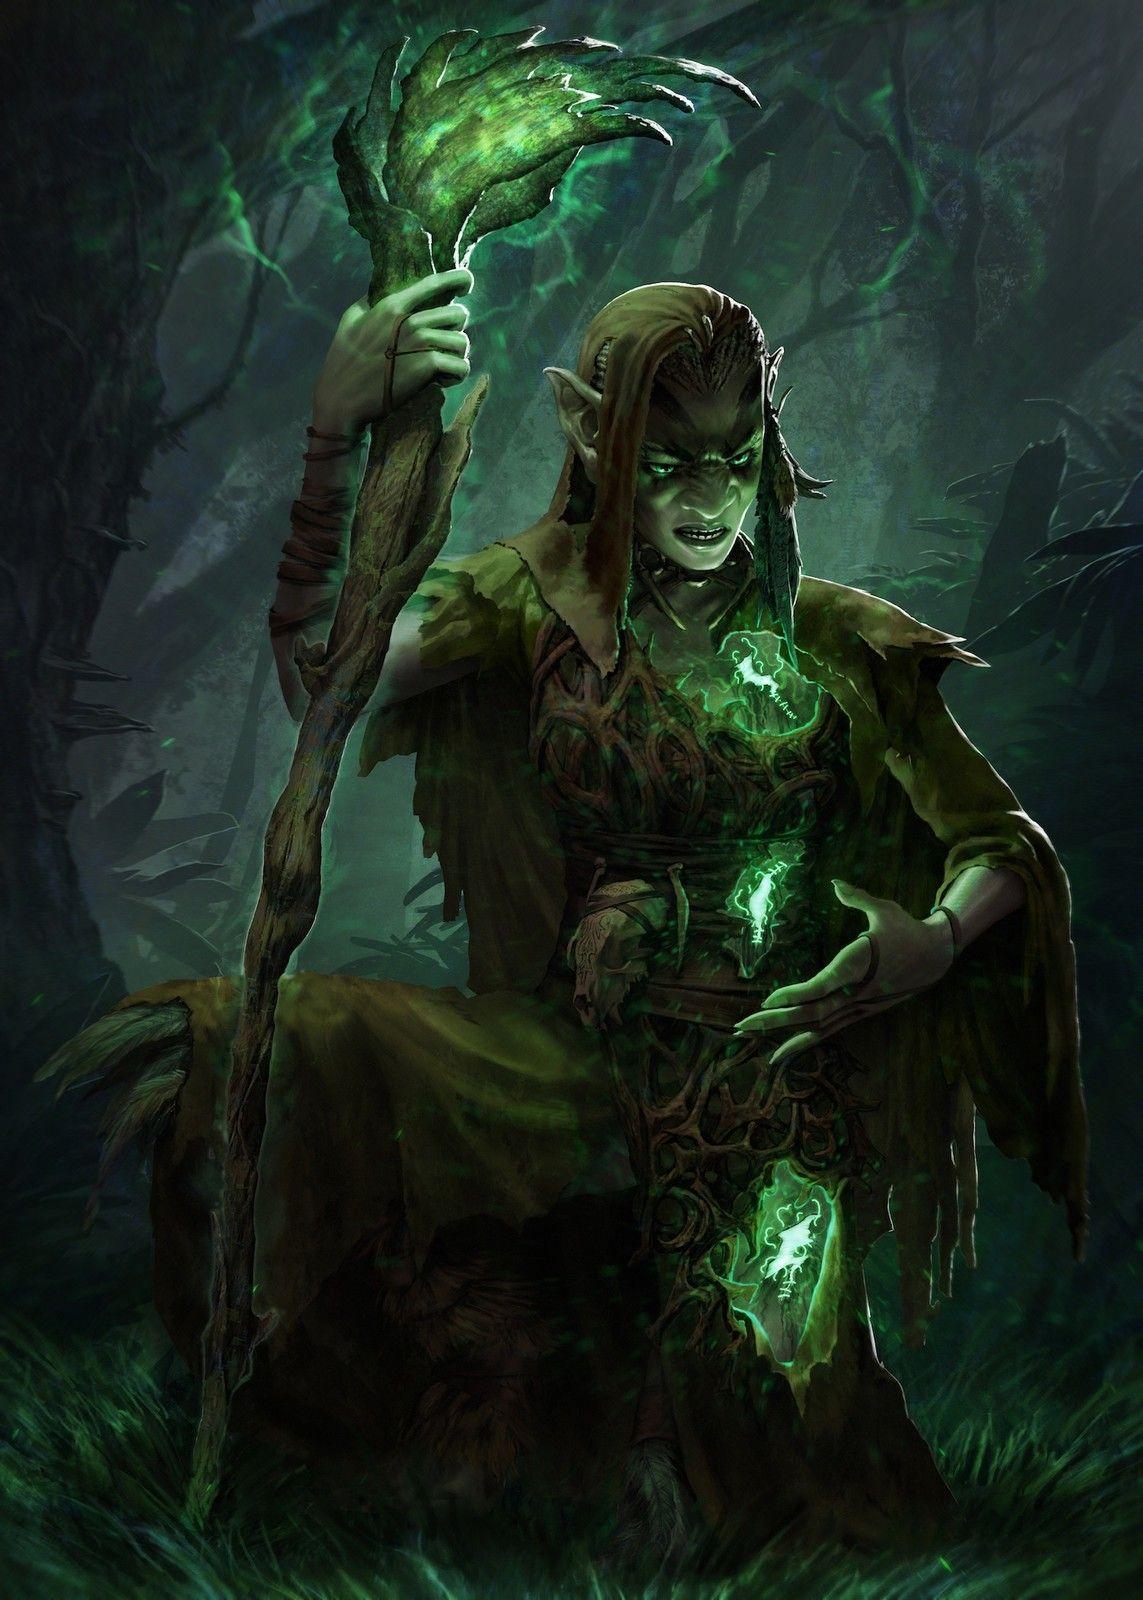 Thuatha de Danann